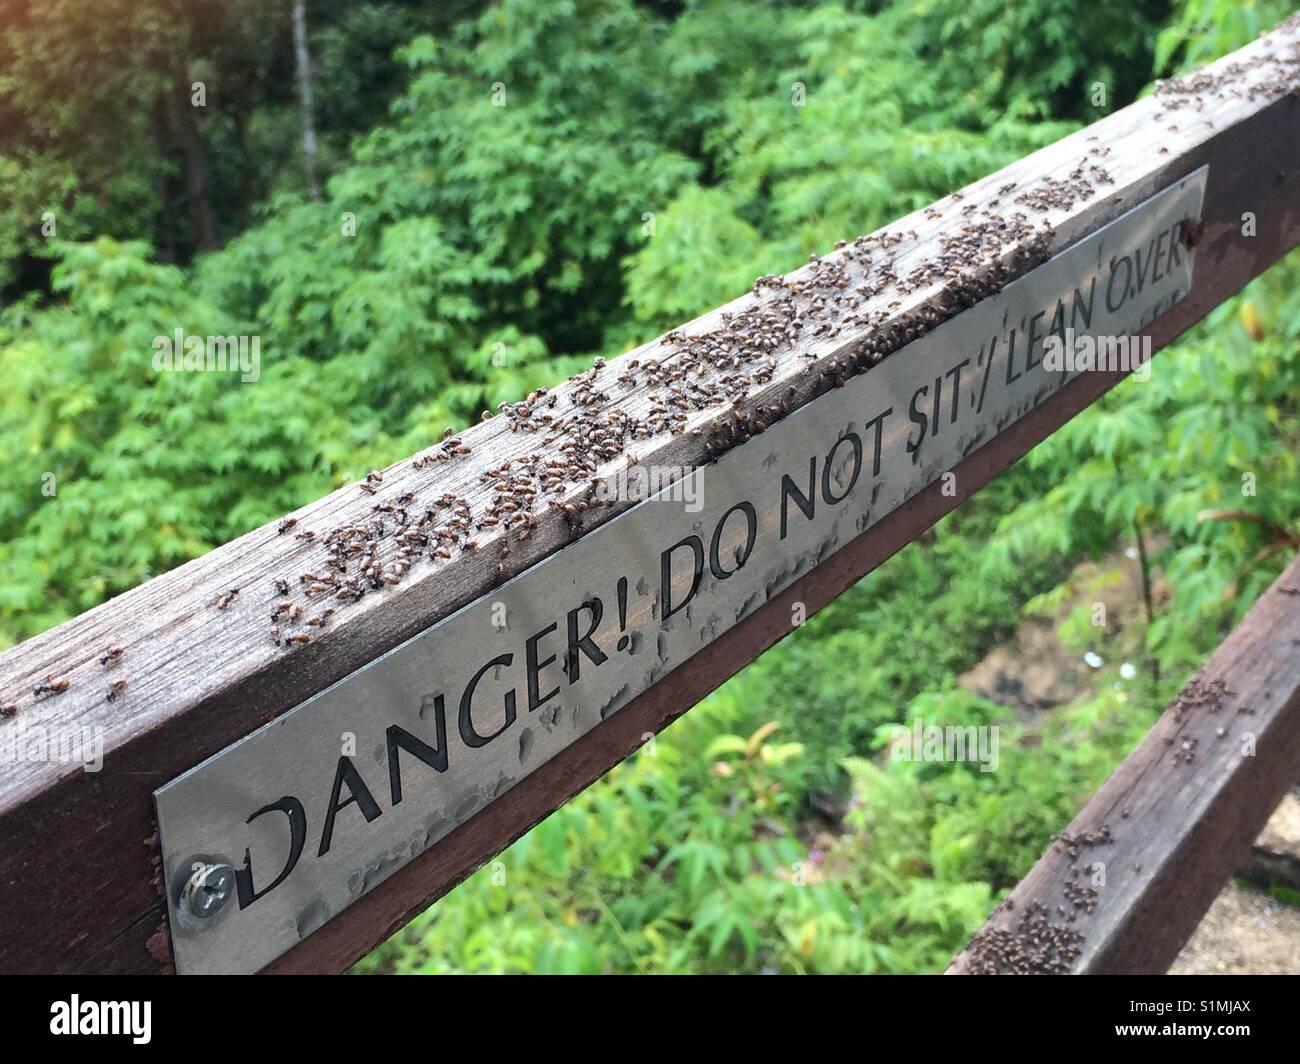 Danger! Do not sit / lean over - Stock Image